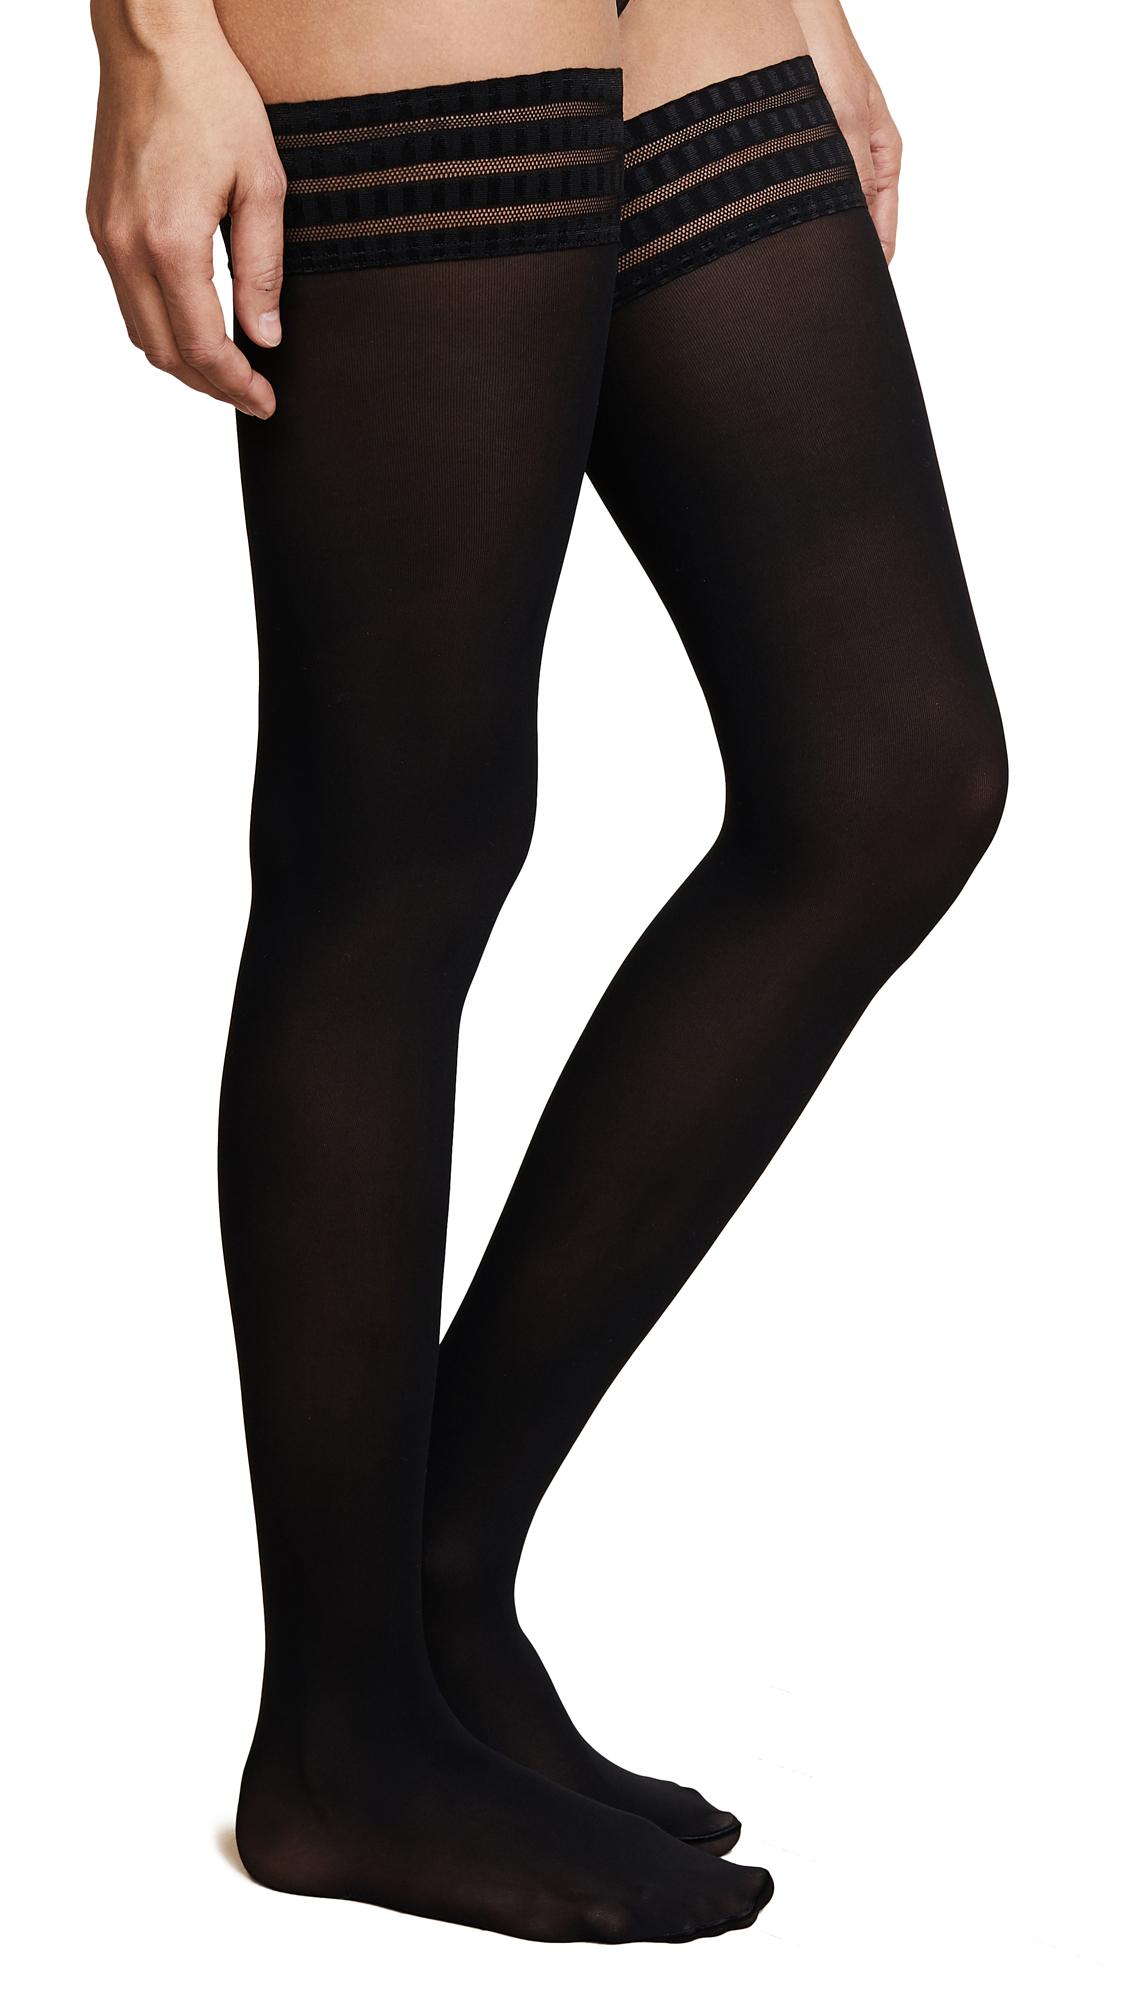 Falke Pure Matte 50 Thigh High Tights - Black